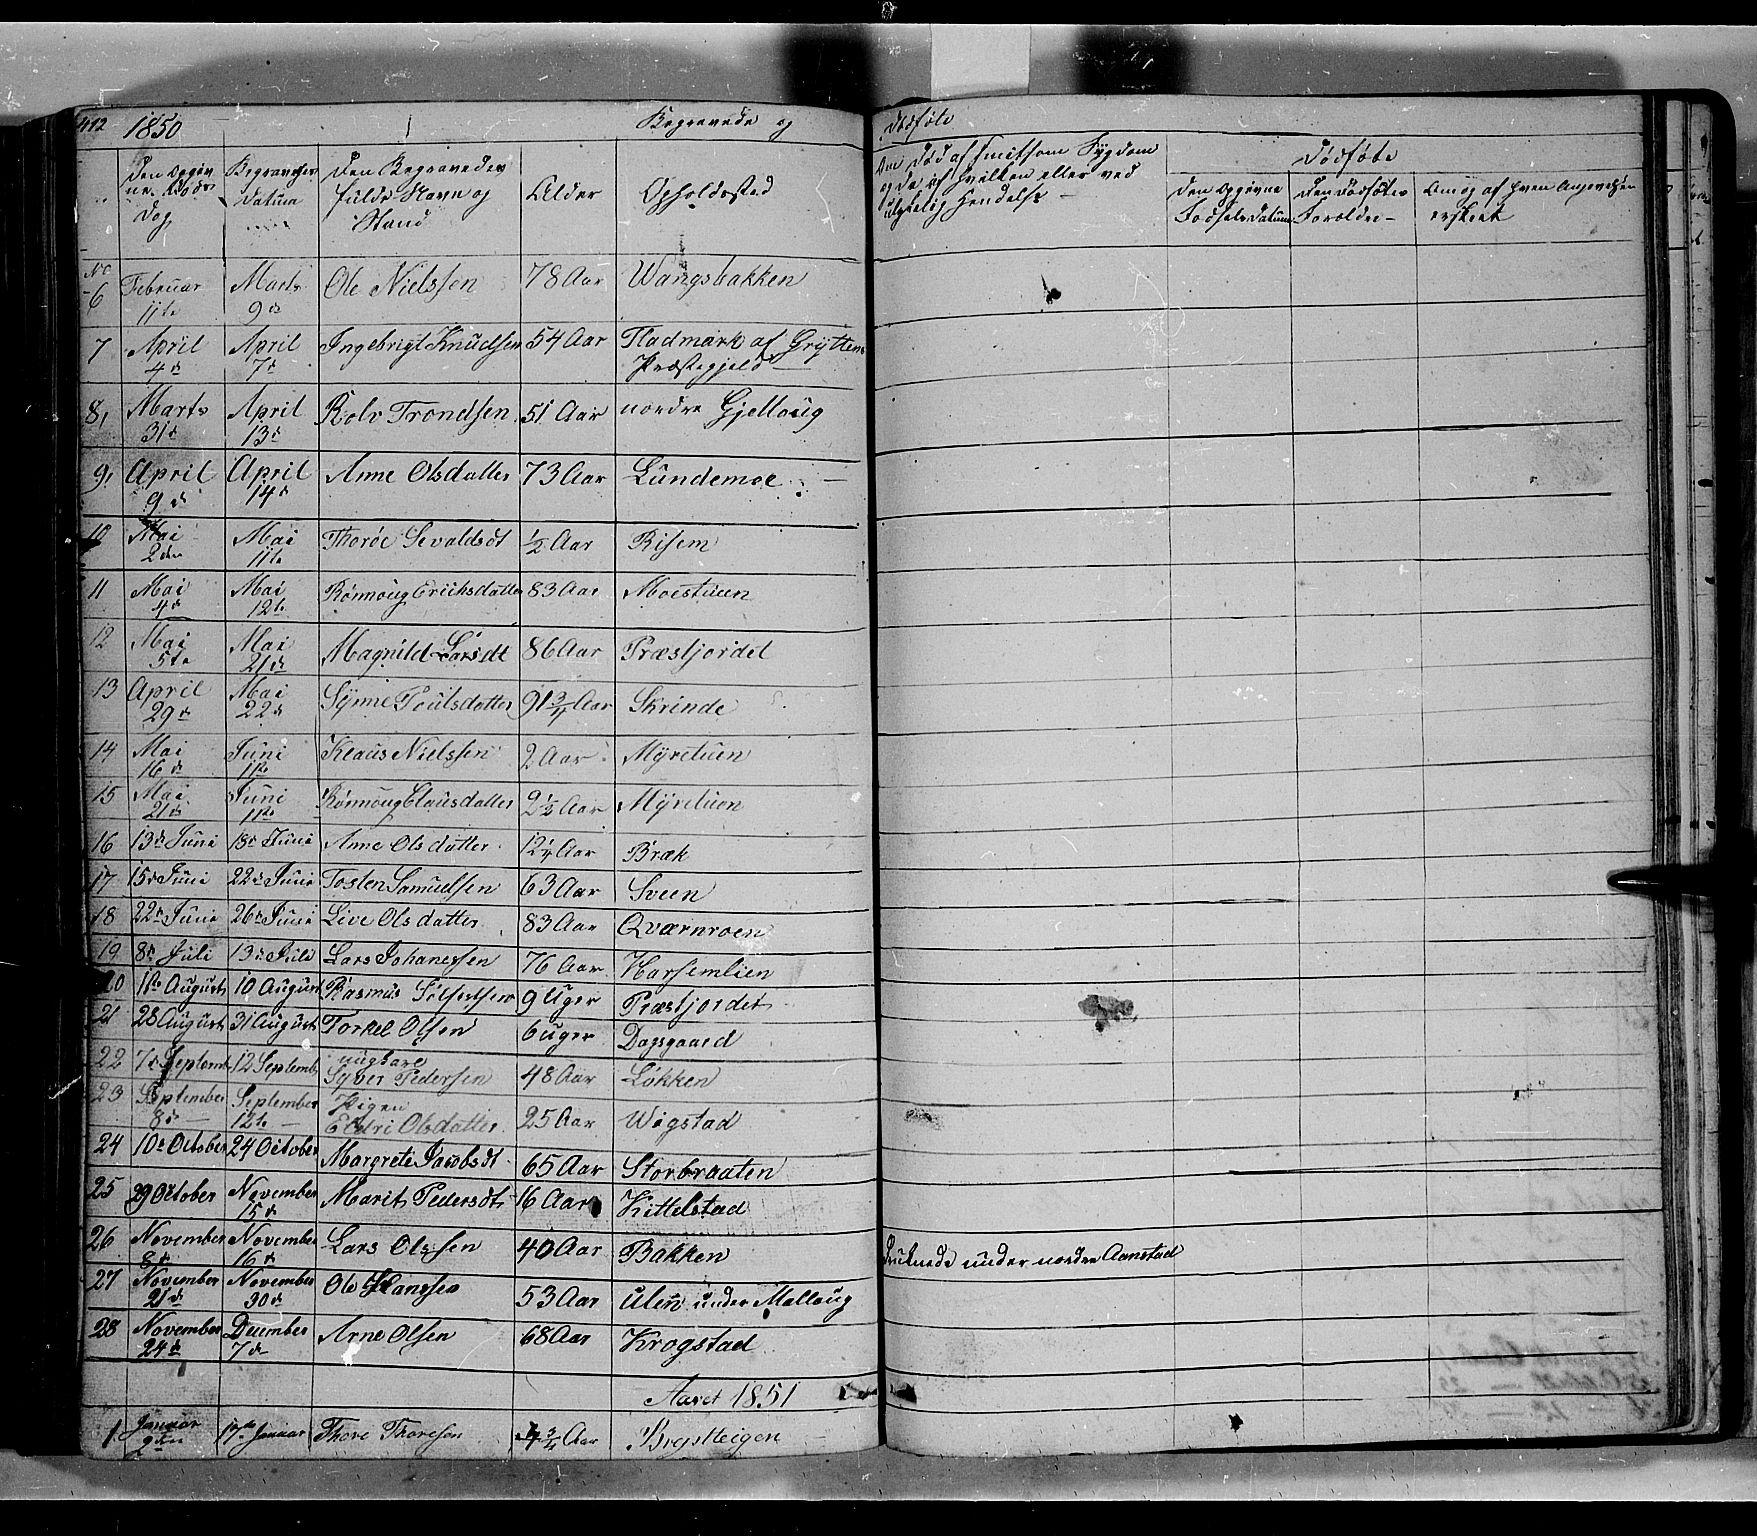 SAH, Lom prestekontor, L/L0004: Klokkerbok nr. 4, 1845-1864, s. 412-413